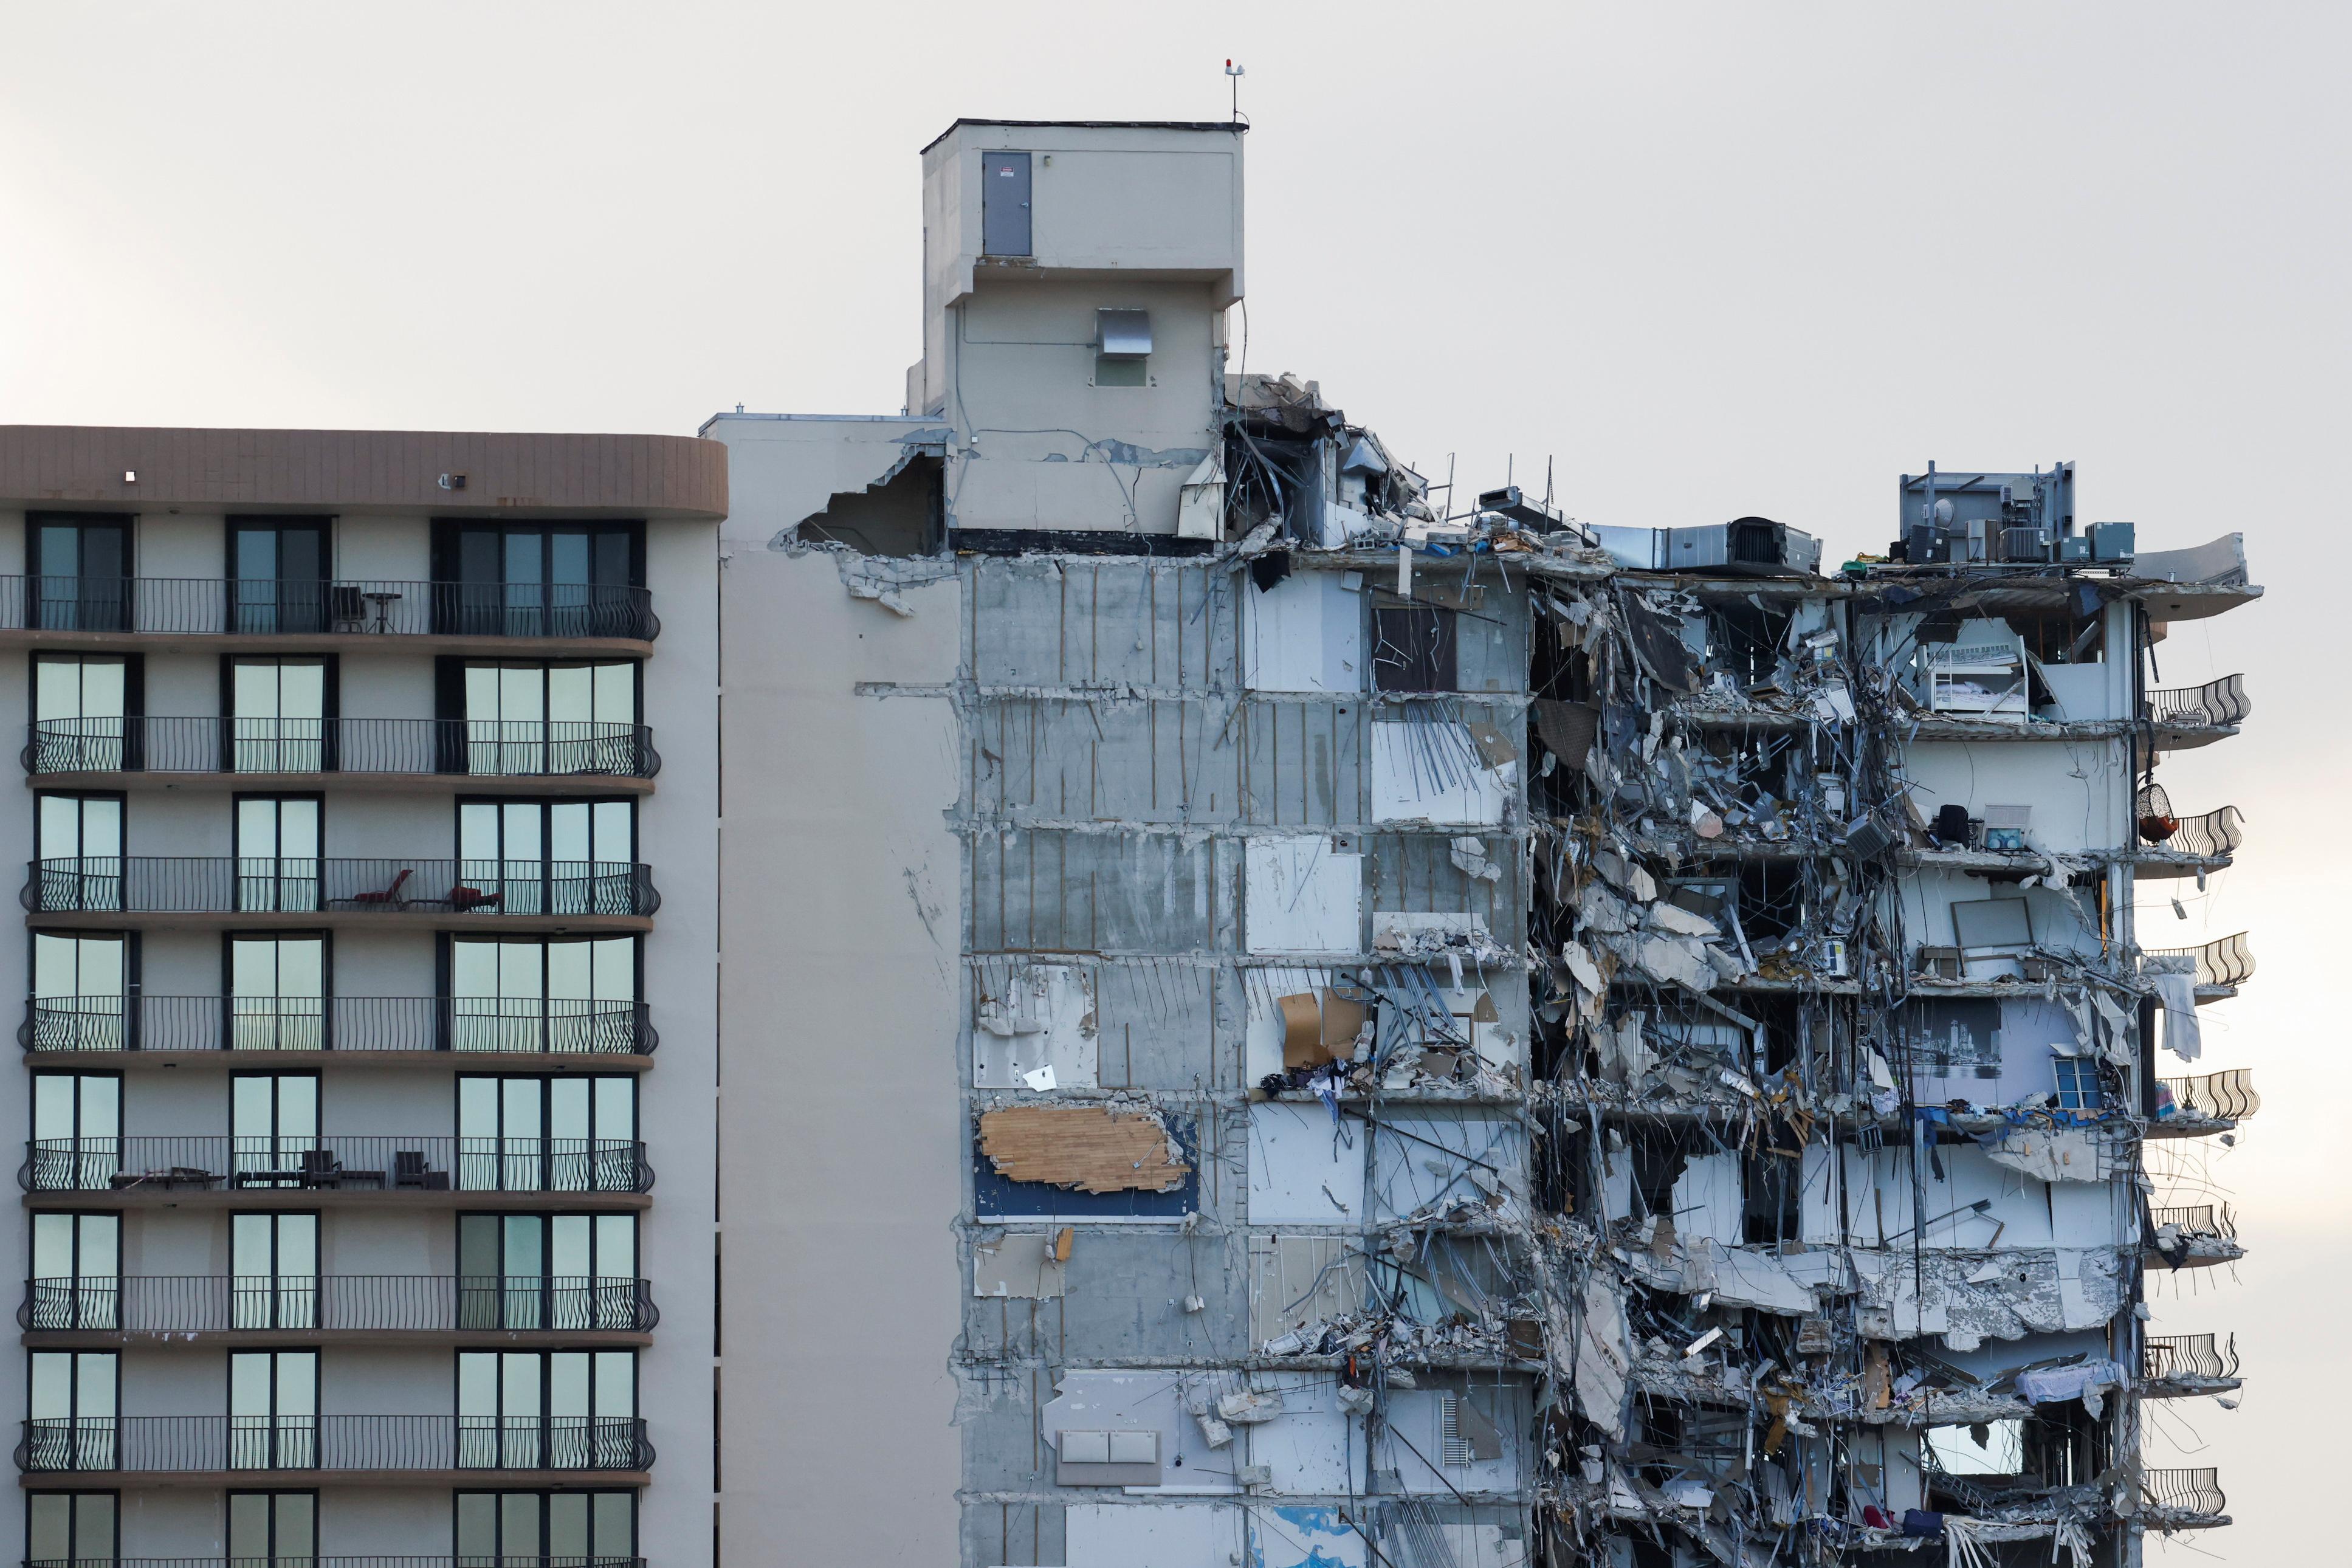 Desabamento parcial de edifício residencial em Surfside